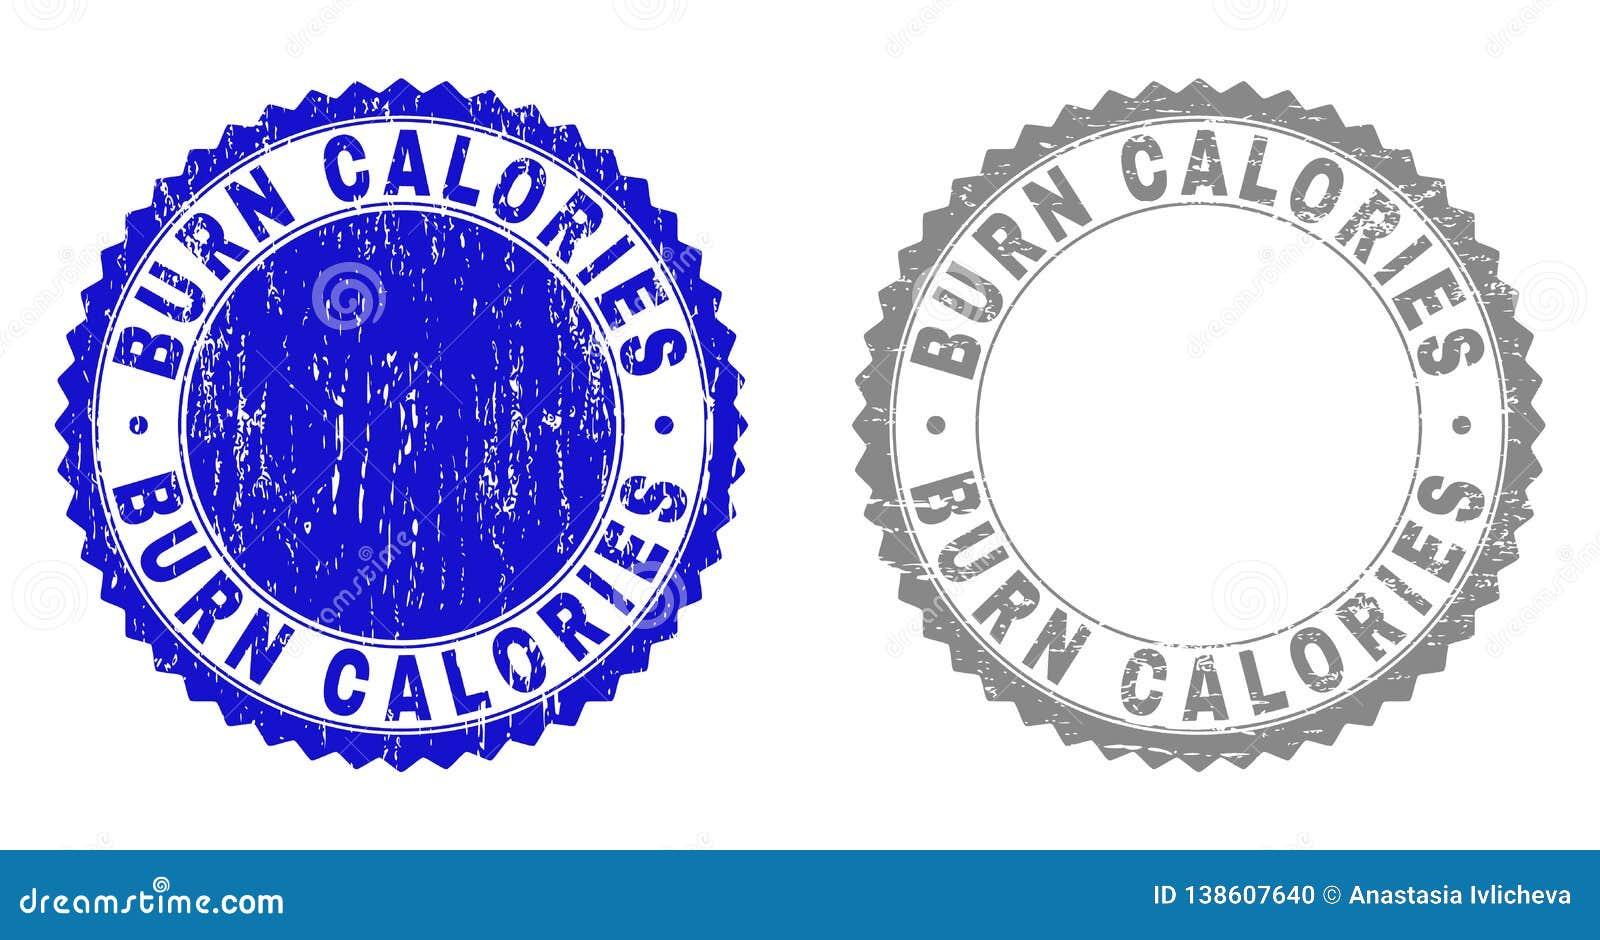 Les CALORIES de BRÛLURE grunges ont donné à des joints une consistance rugueuse de timbre